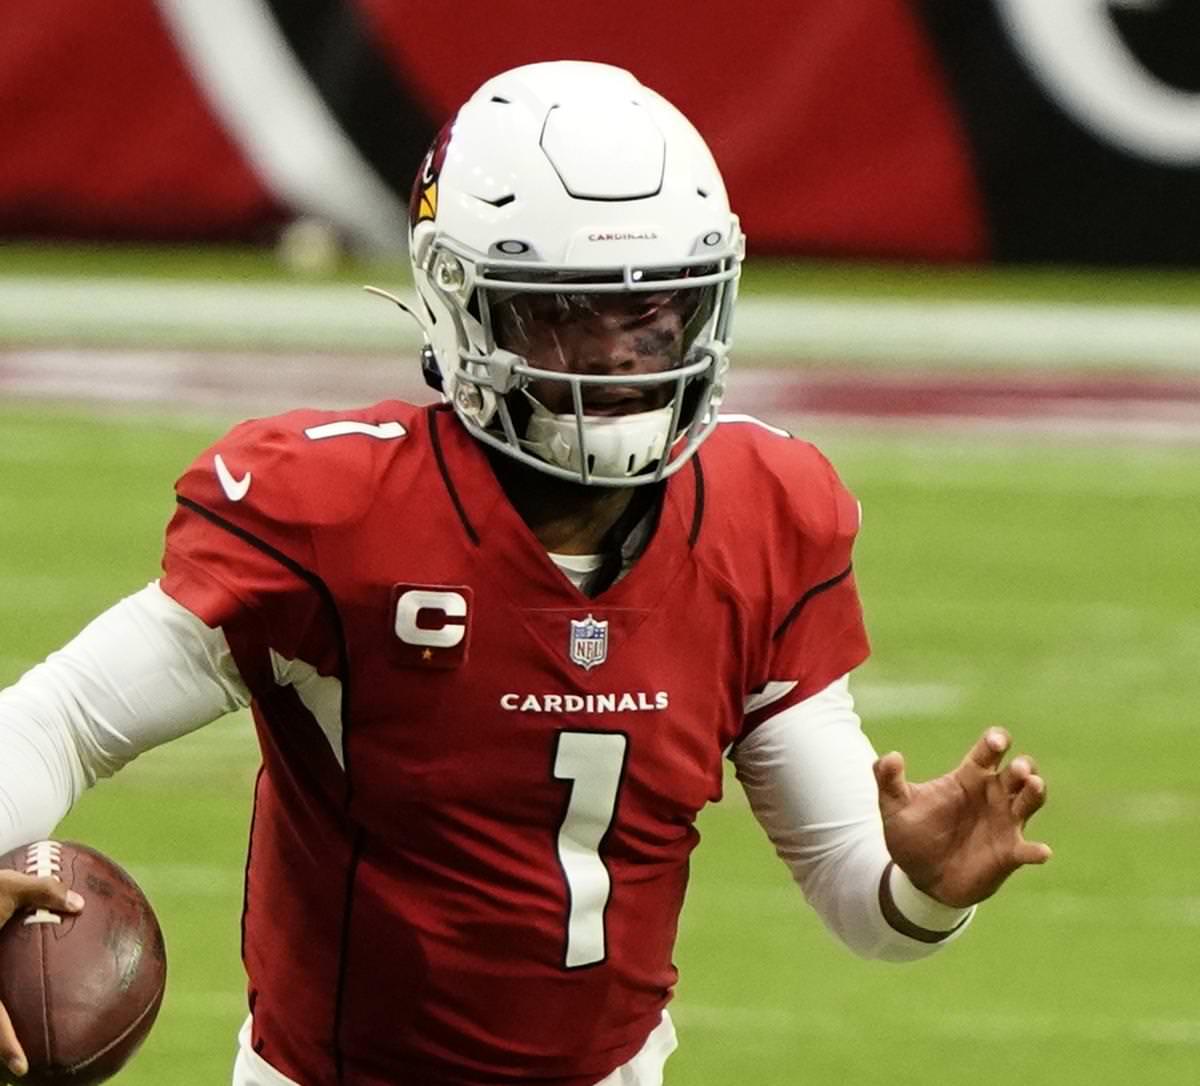 Consenso de especialistas do Bleacher Report – Semana 3 NFL Picks